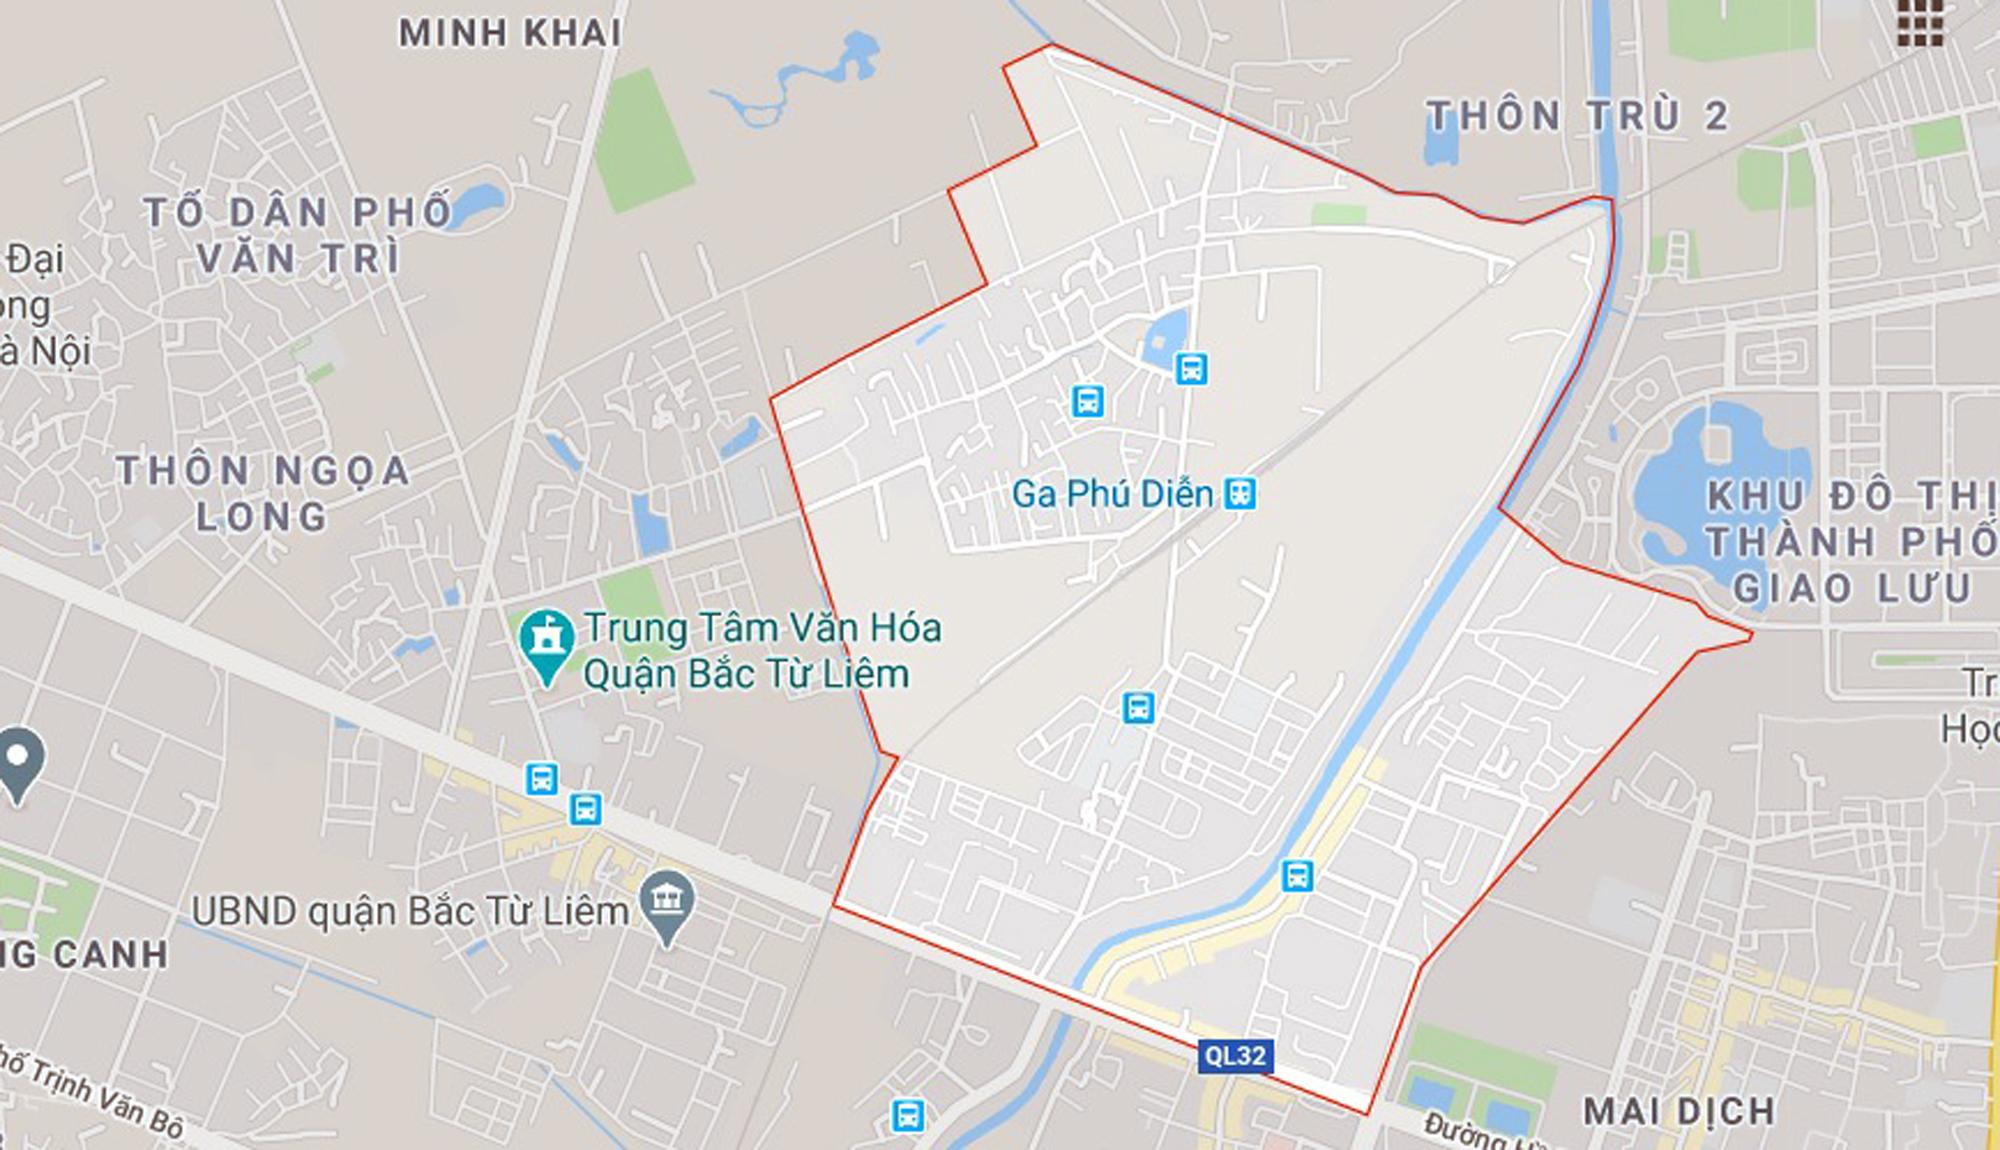 4 đường sẽ mở theo qui hoạch ở phường Phú Diễn, Bắc Từ Liêm - Ảnh 1.